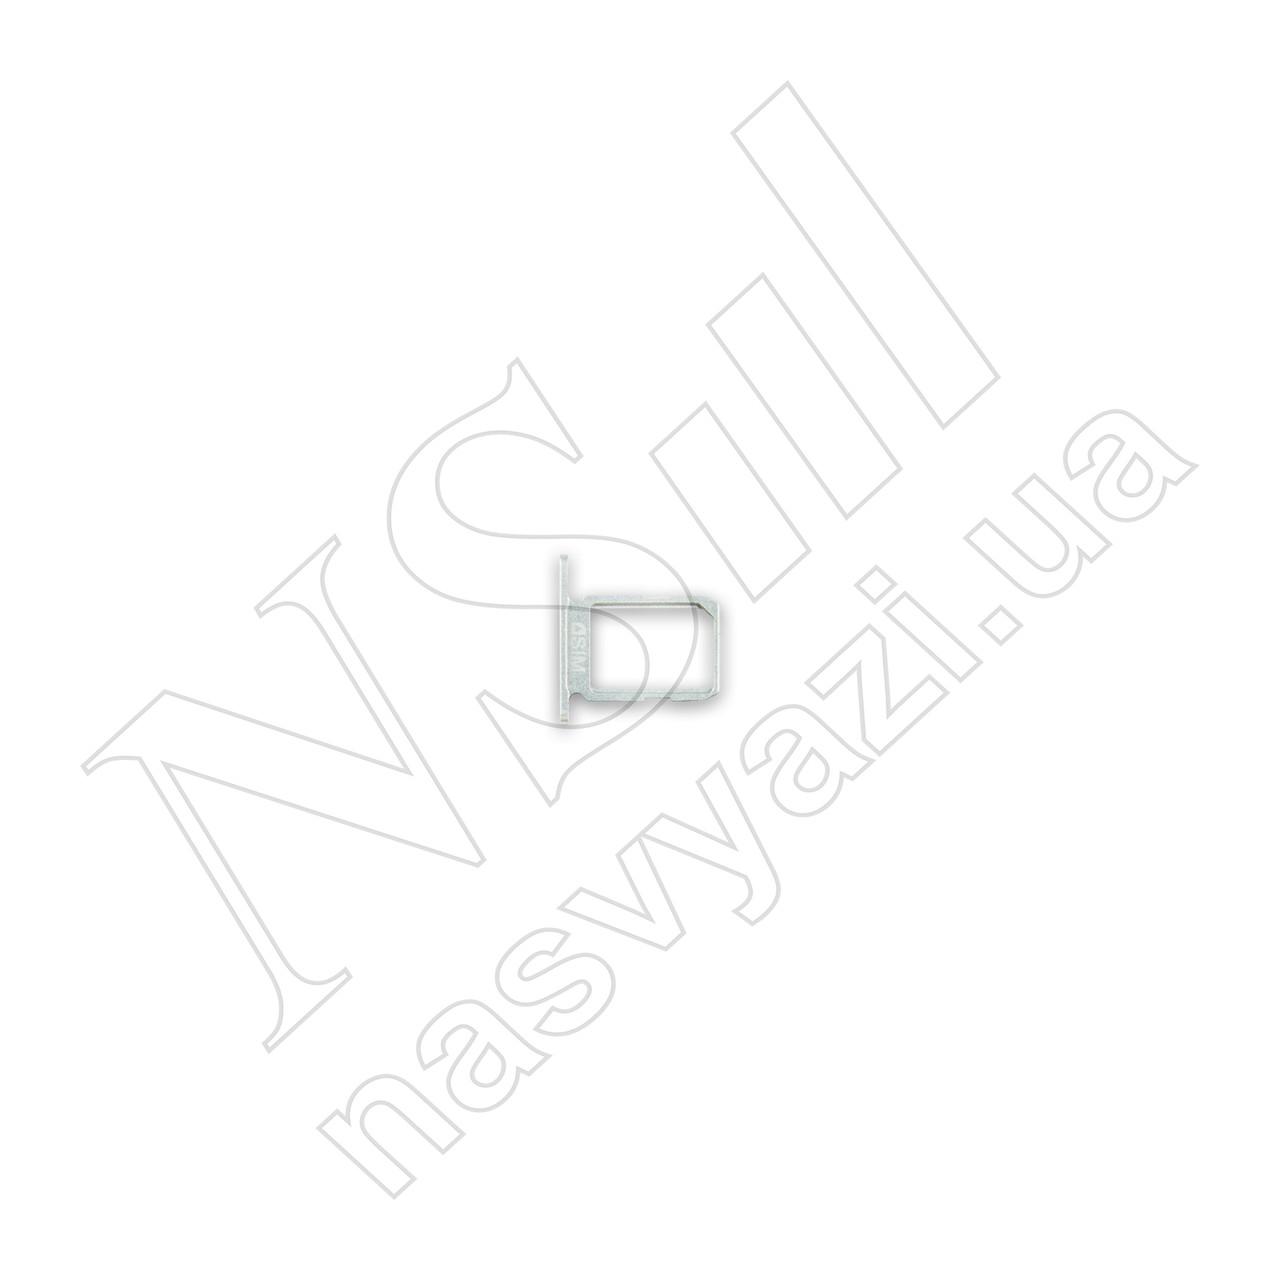 SIM-держатель SAMSUNG G920 S6 золотистый